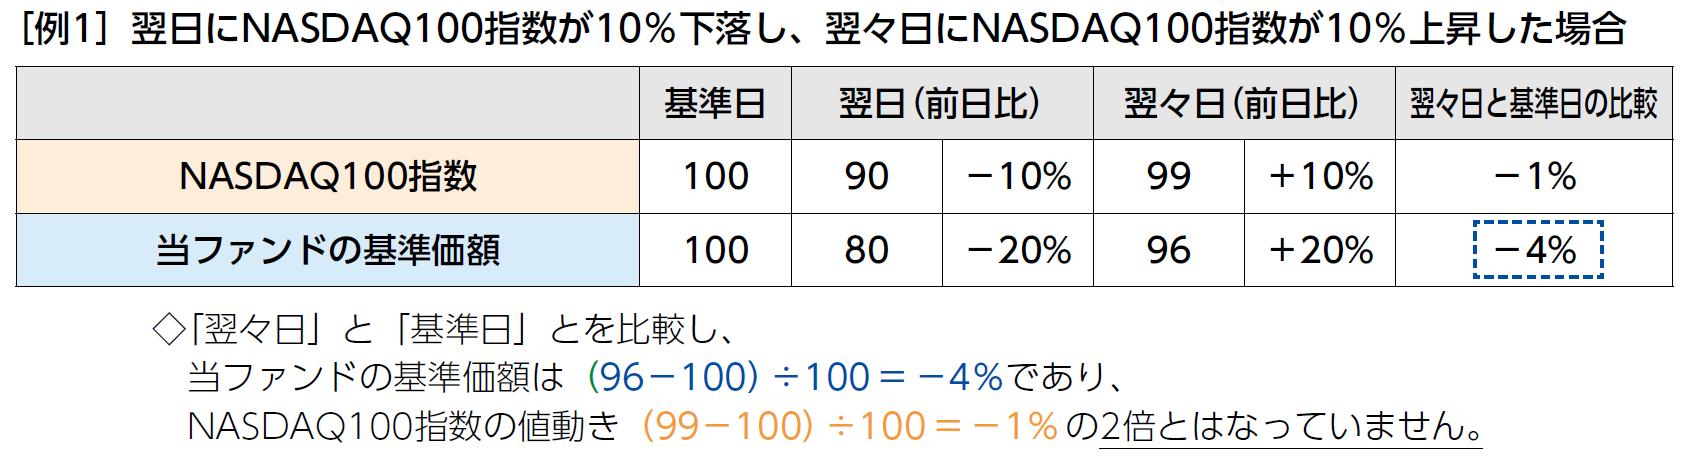 Nasdaq100 ifree レバレッジ